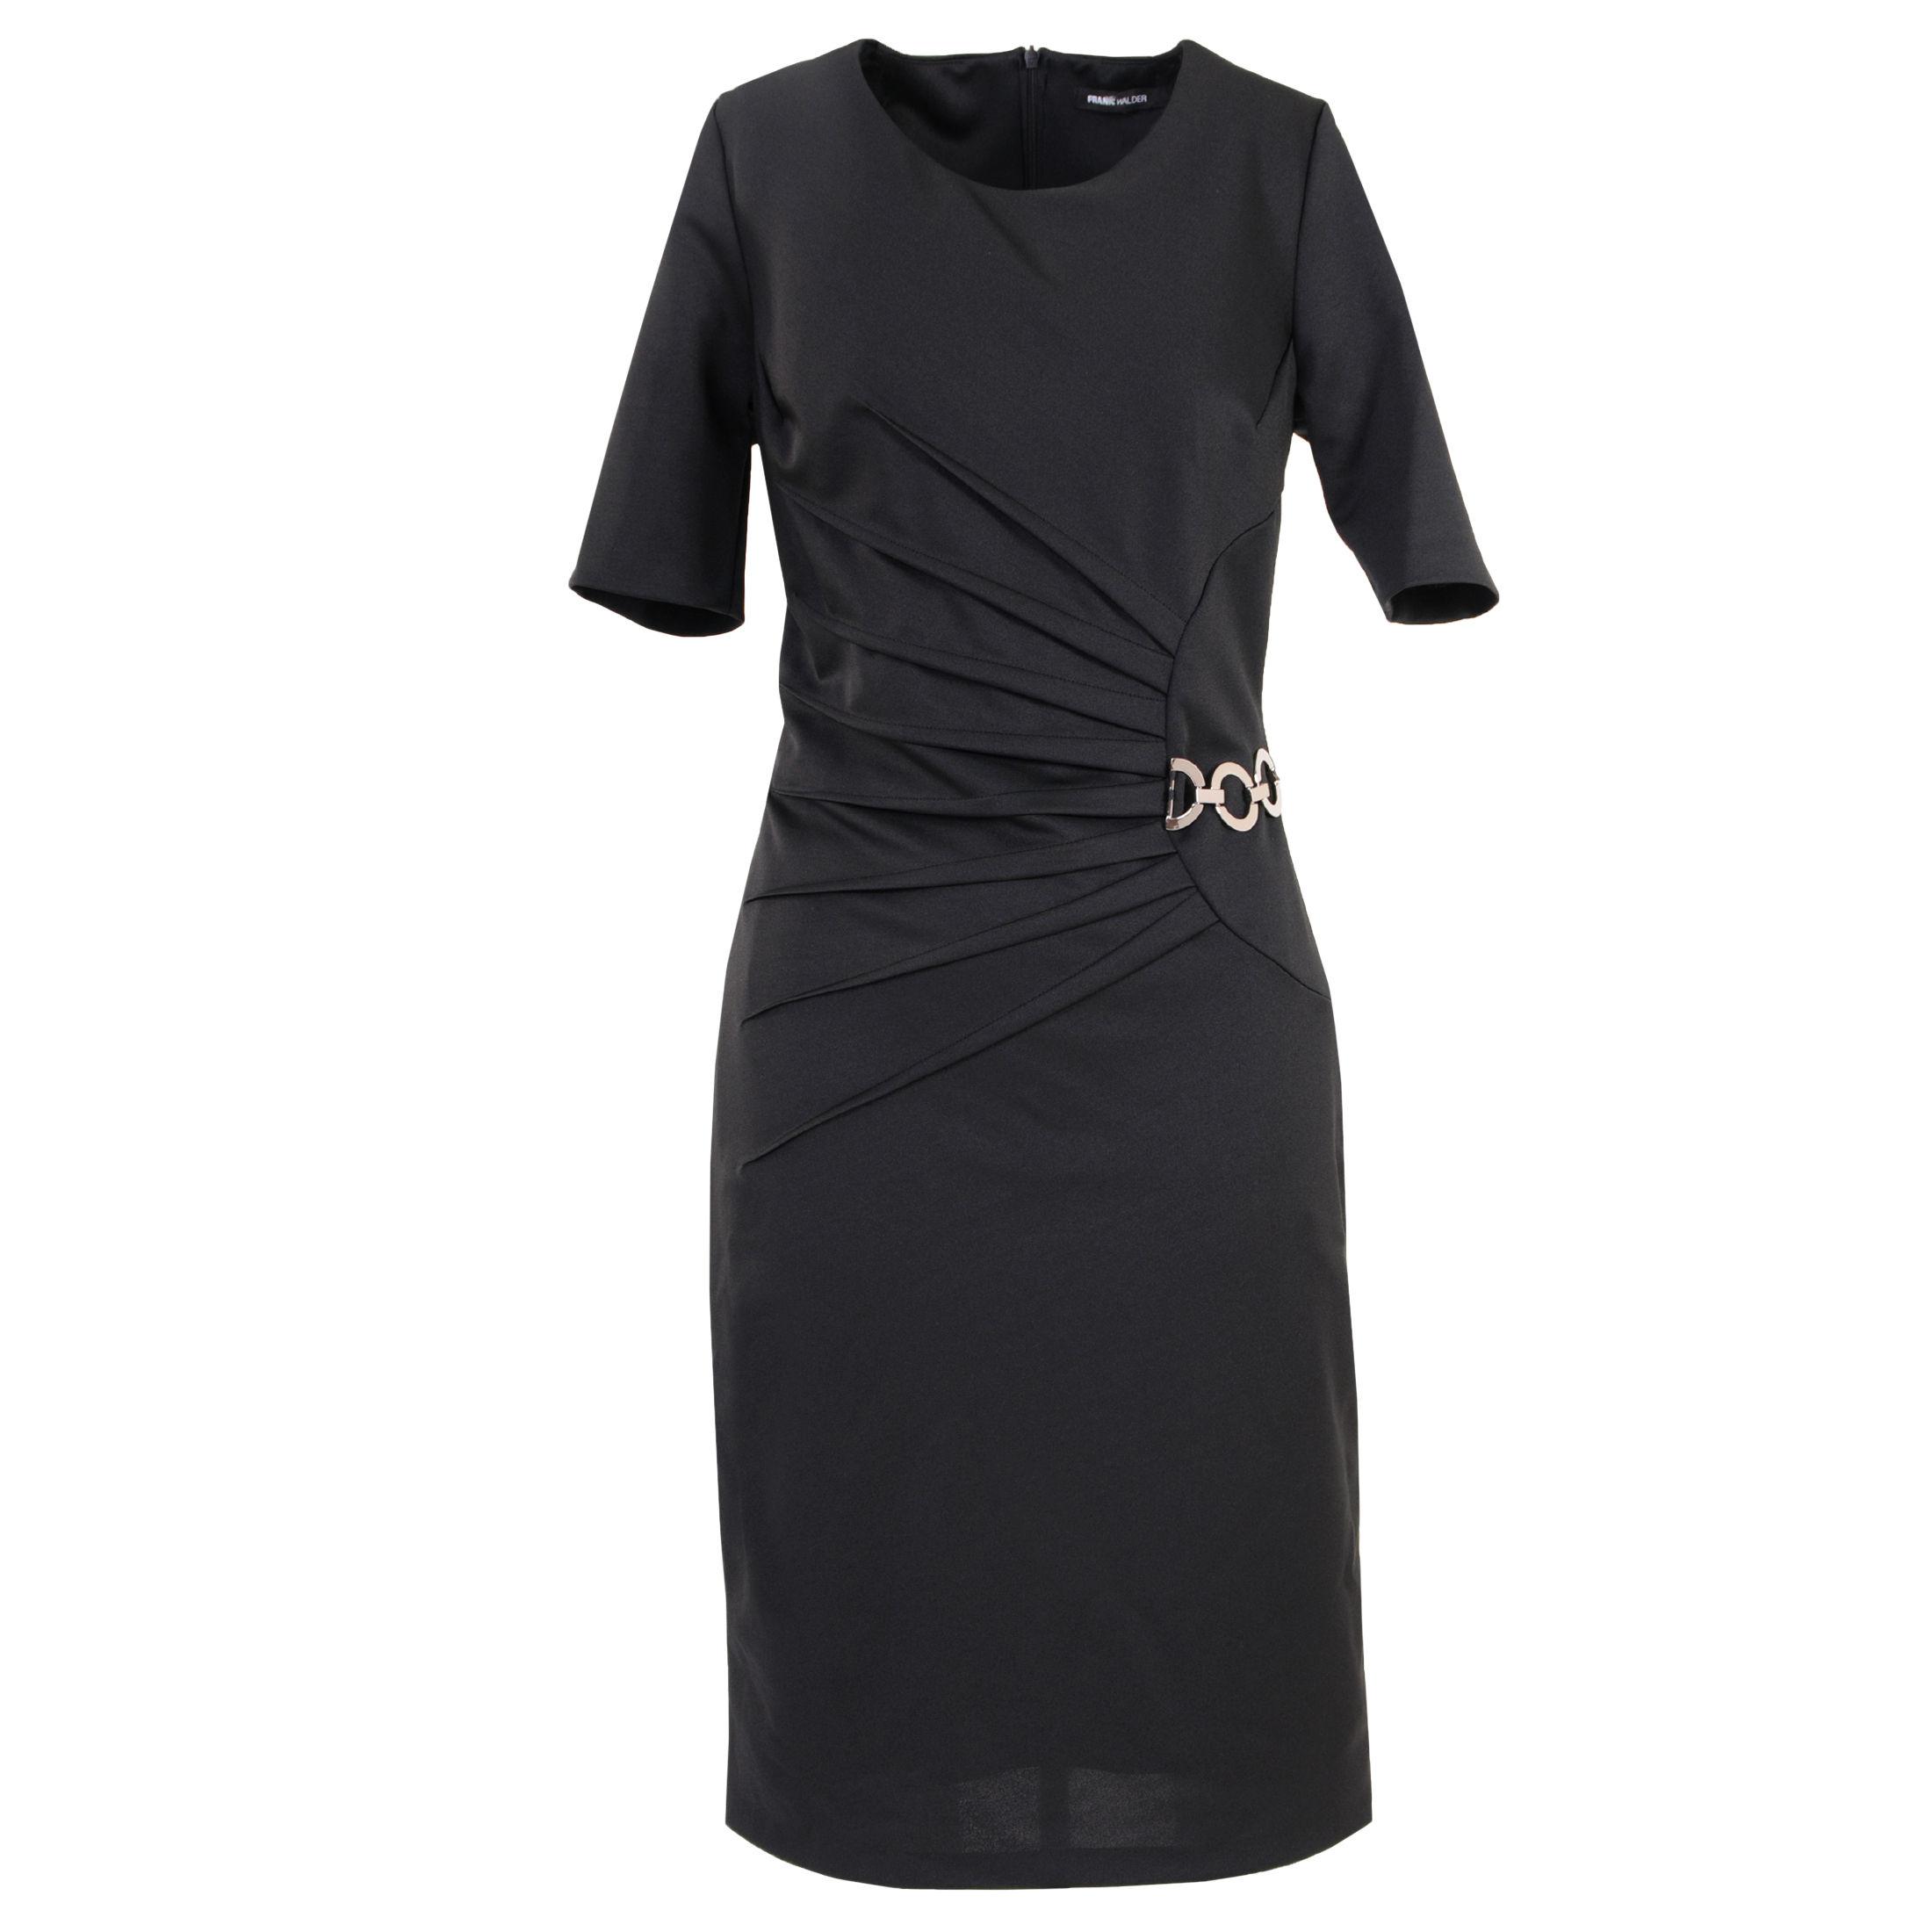 Kleid AMY schwarz schwarz schwarz - (650.512 SCHWARZ)     | Louis, ausführlich  | Erste Qualität  | Moderne Technologie  | Viele Sorten  f60fce